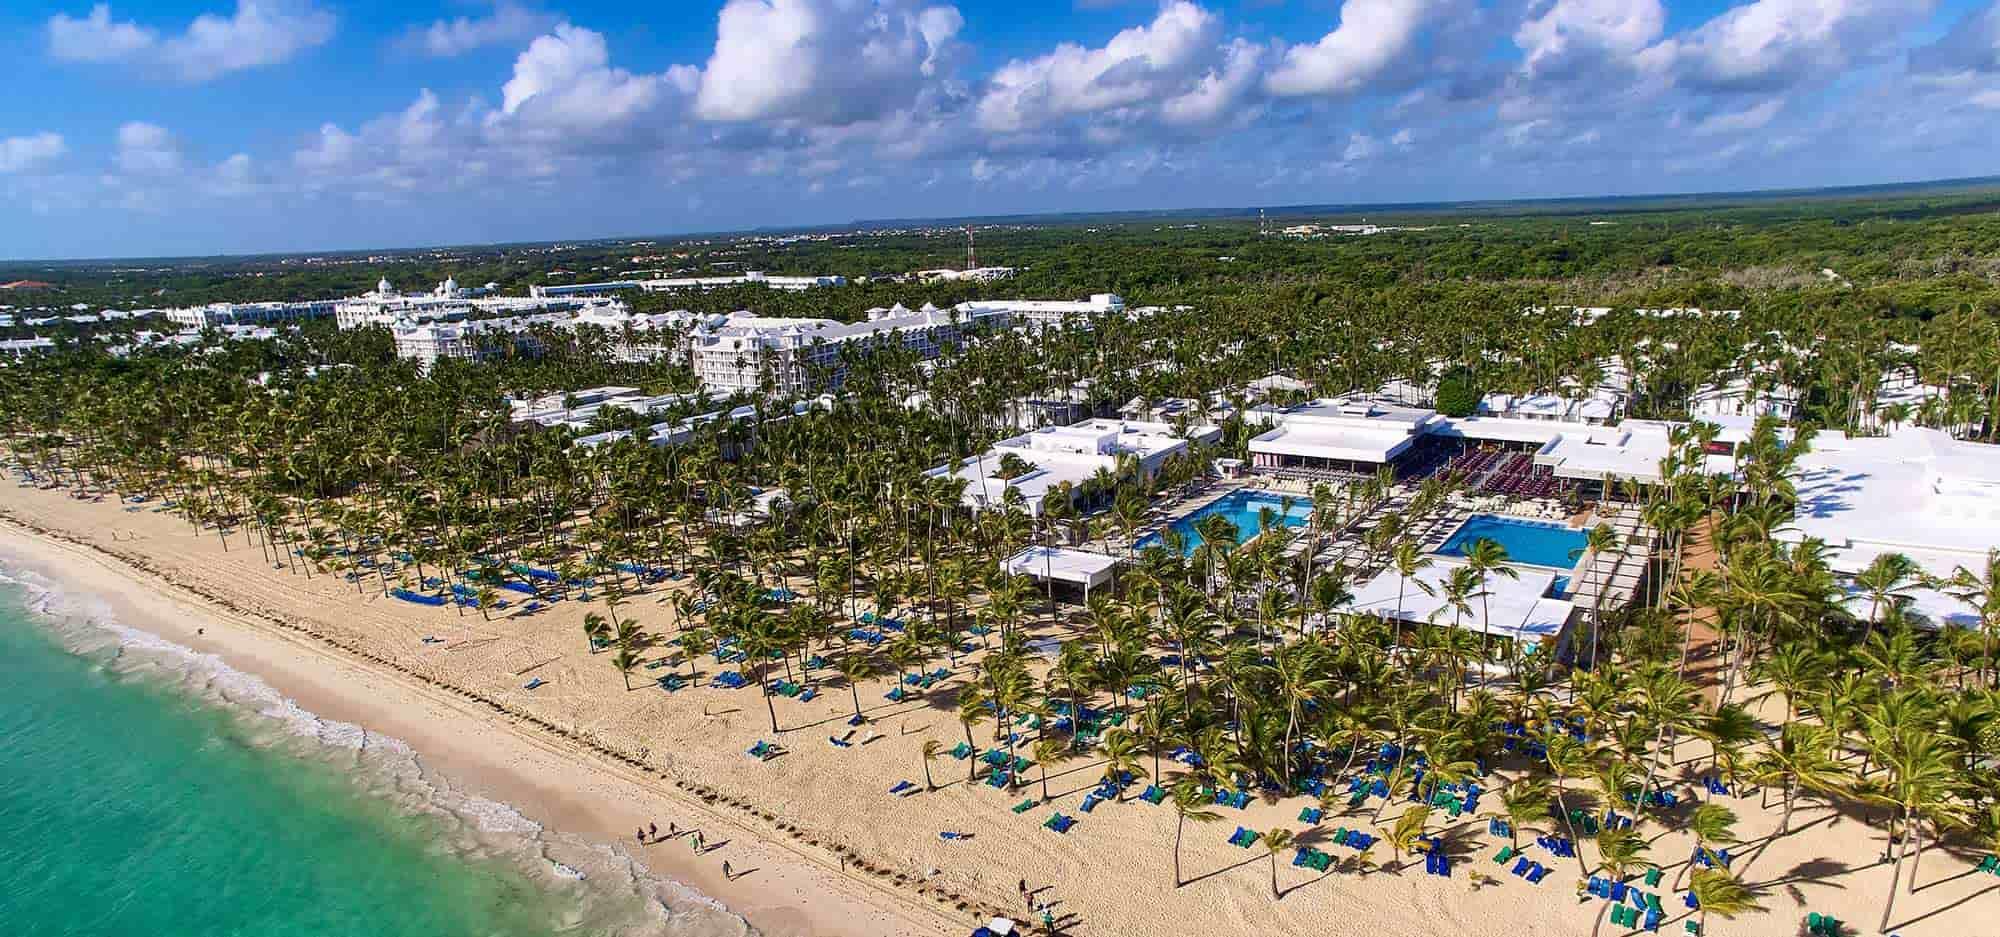 Grupos Hotel Riu Bambu | Hotel eventos Punta Cana